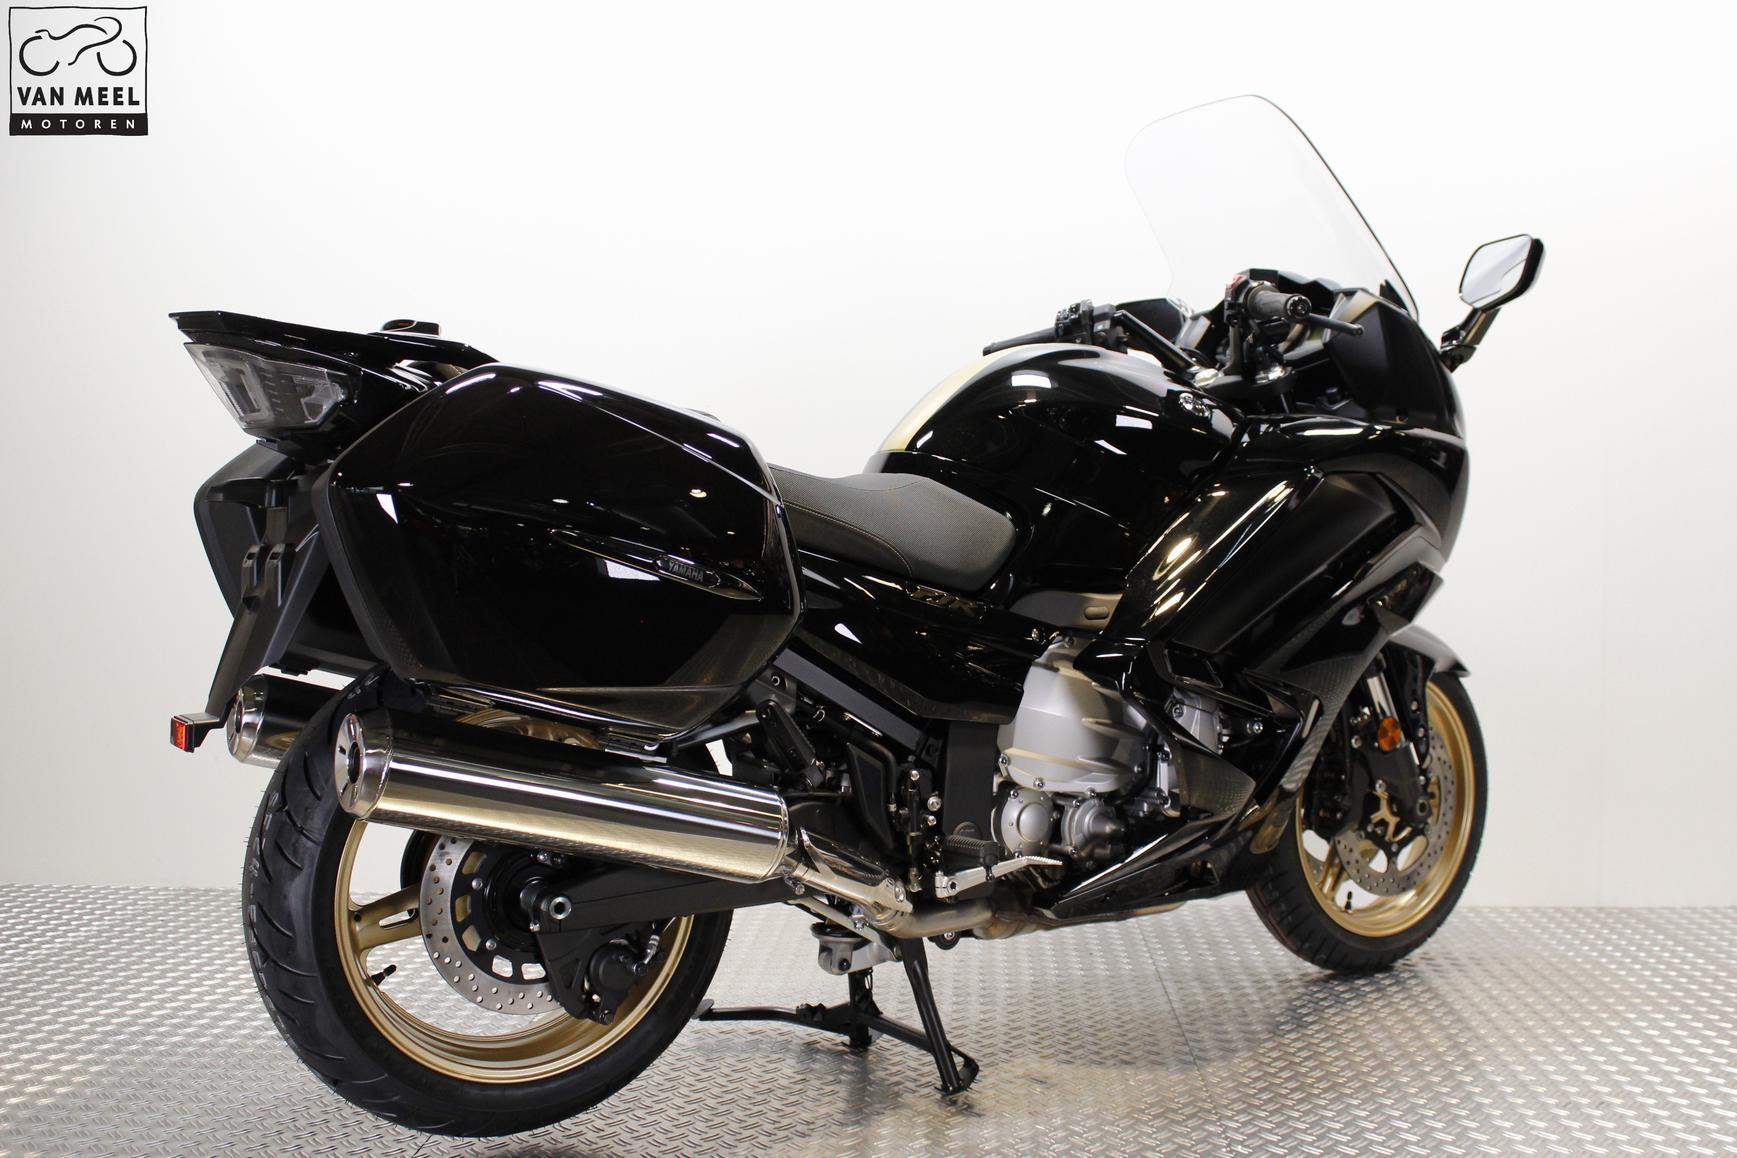 YAMAHA - FJR 1300 AS Ultimate Edition